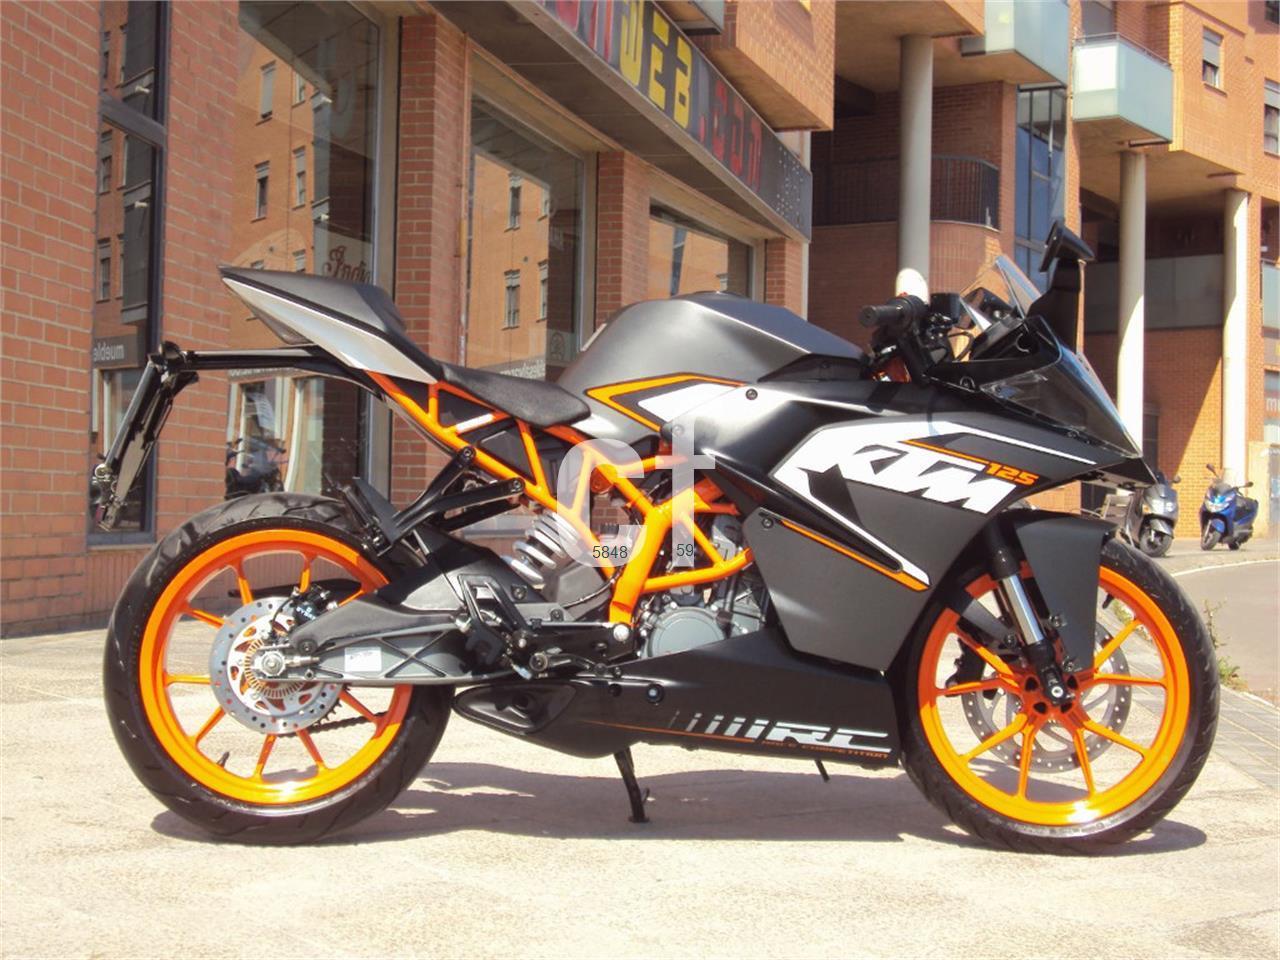 KTM RC de venta